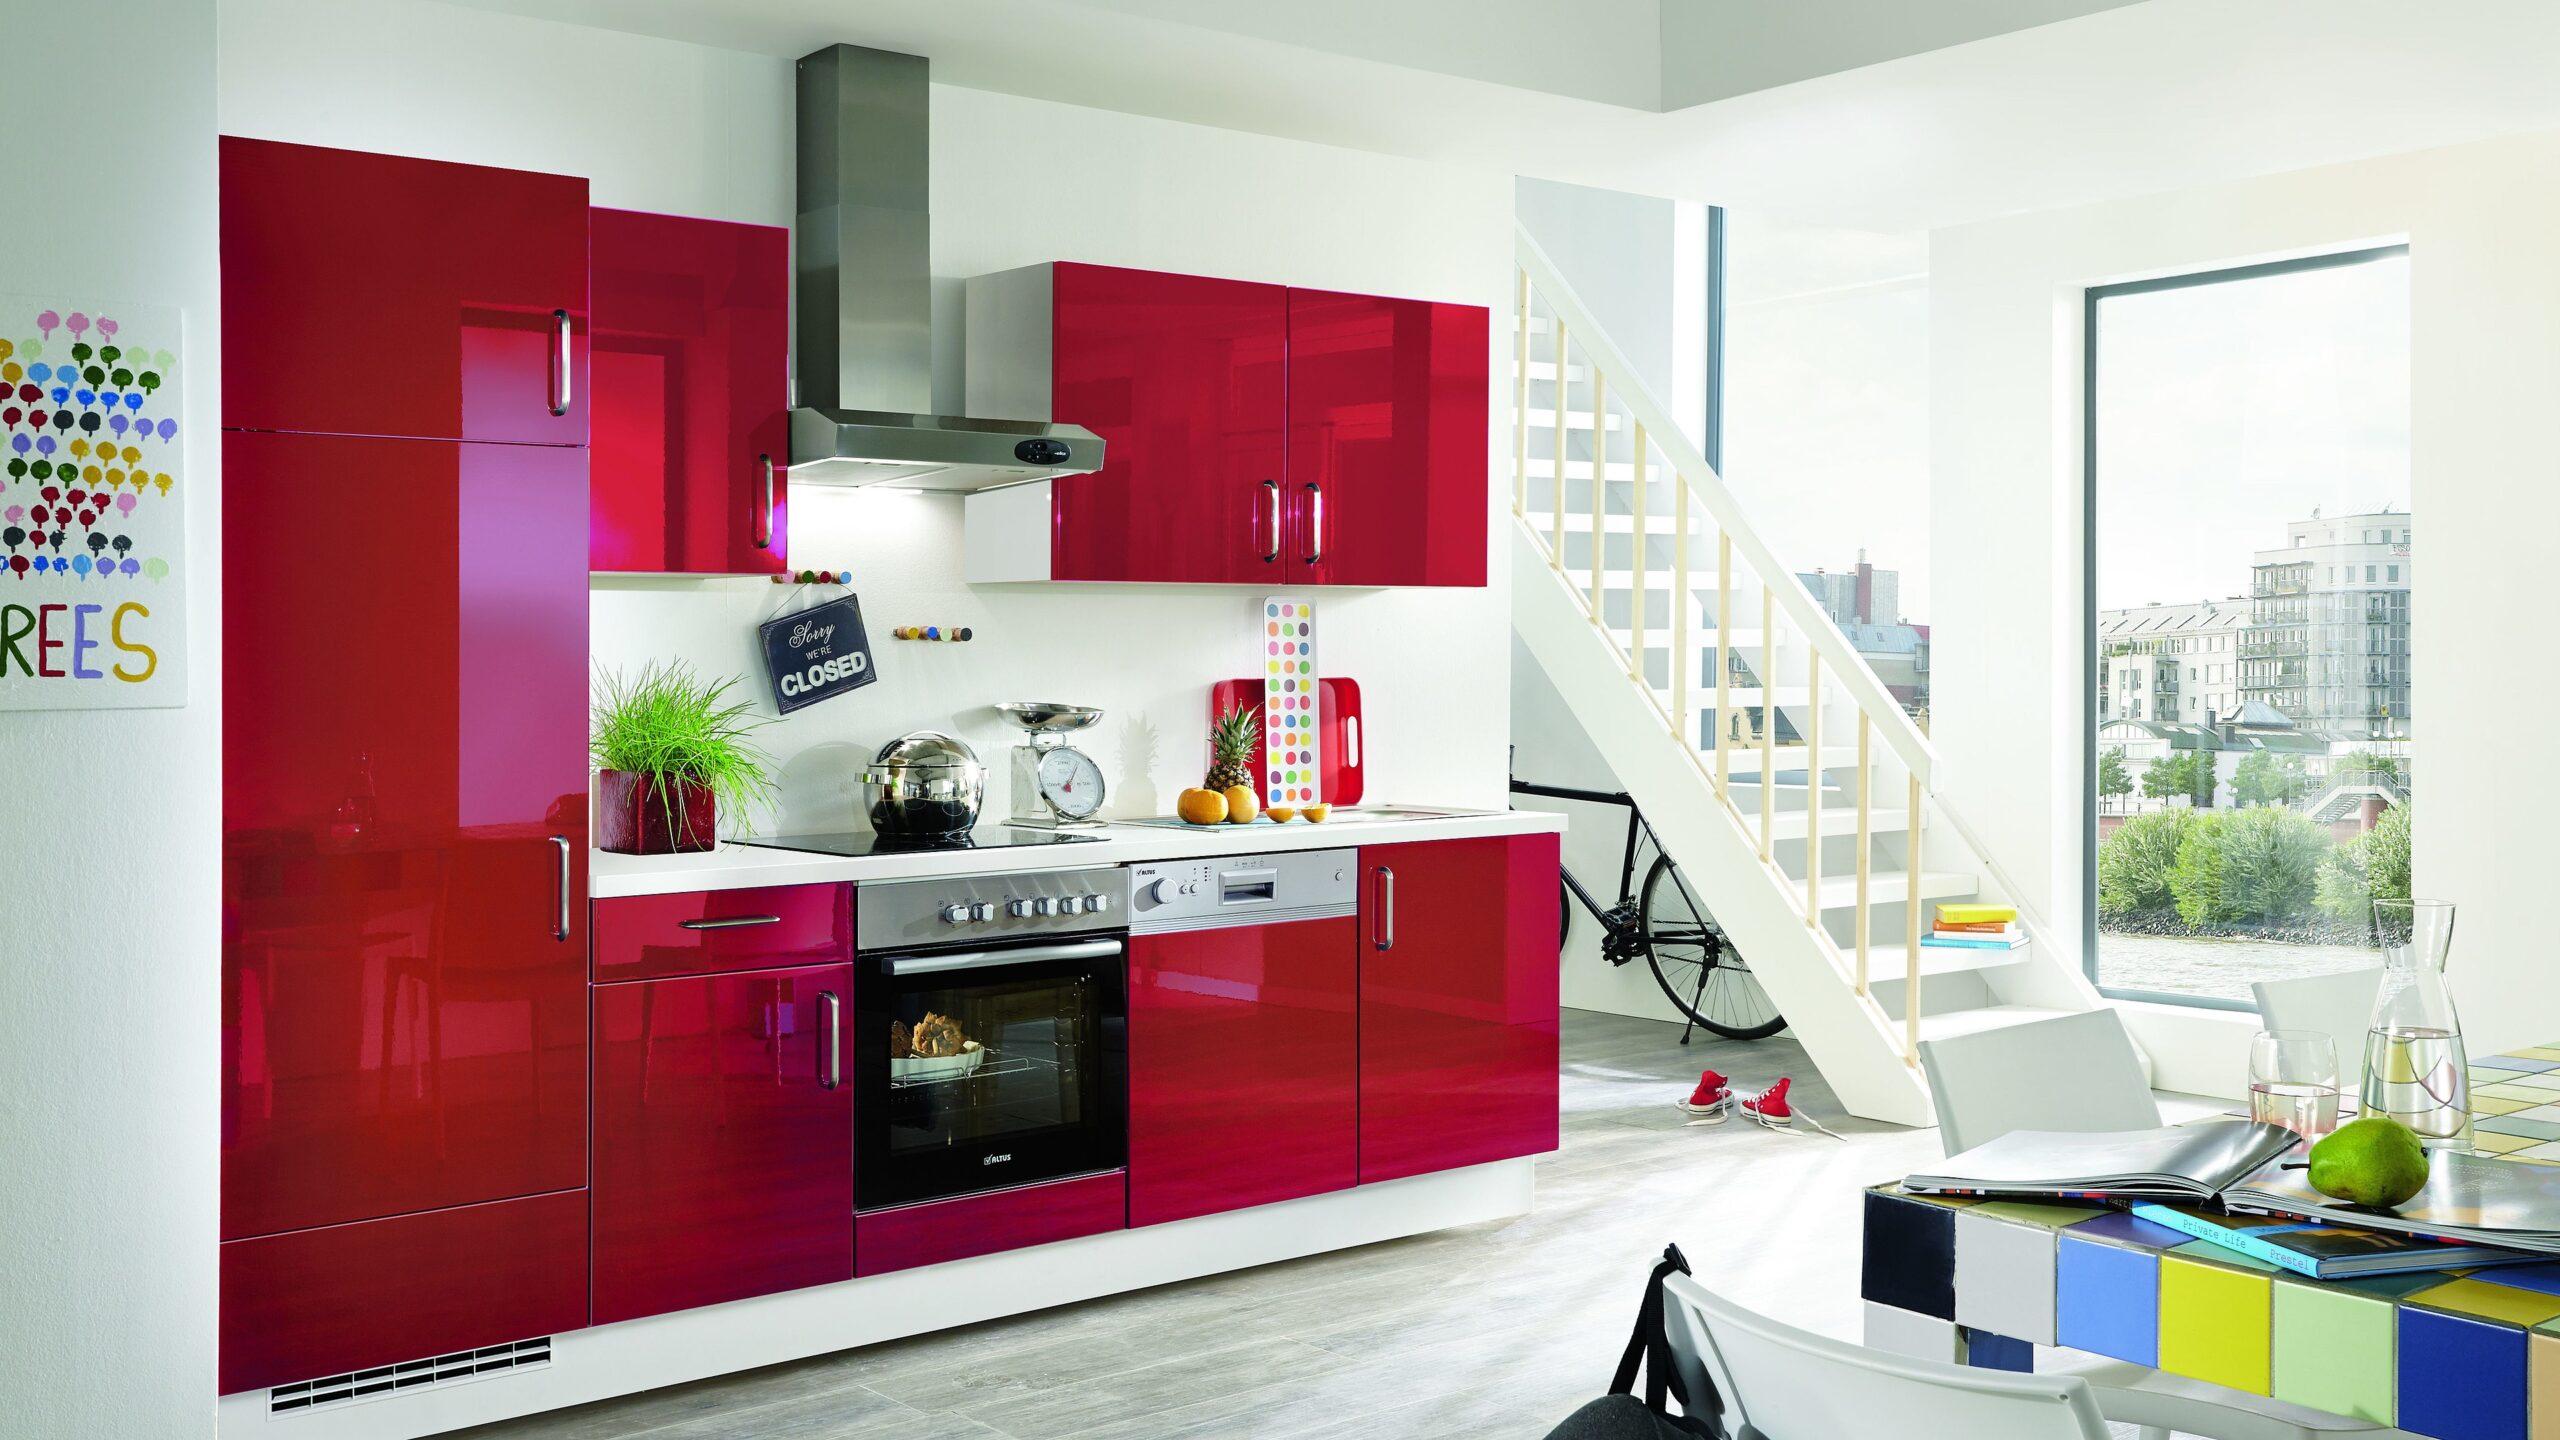 Full Size of Kchenfarben Welche Farbe Passt Zu Wem Nobilia Küche Einbauküche Wohnzimmer Nobilia Preisliste